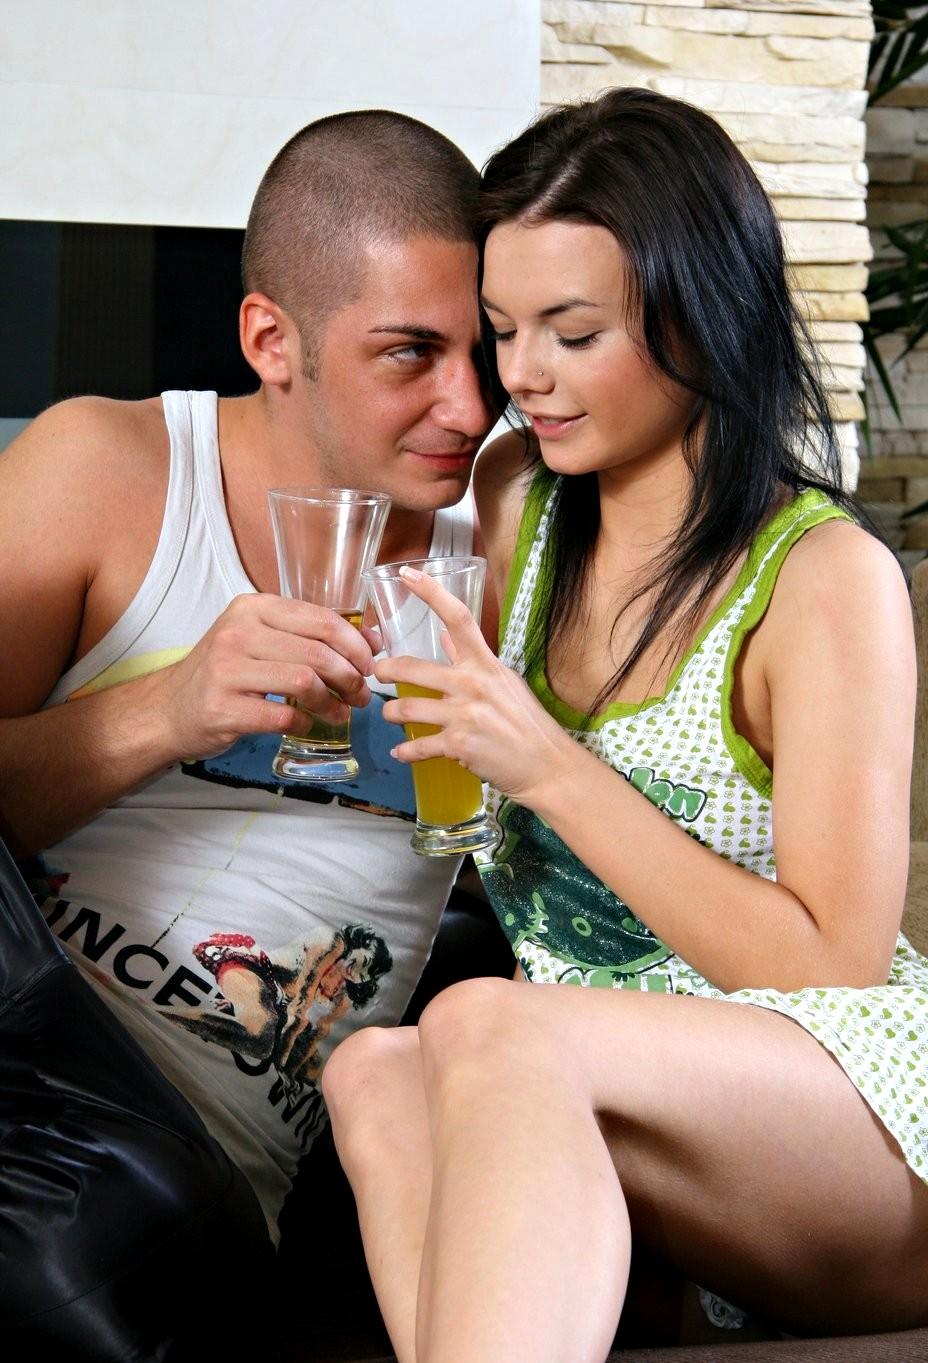 Порно сразу фото анального секса в одежде волосатые голые негритянки